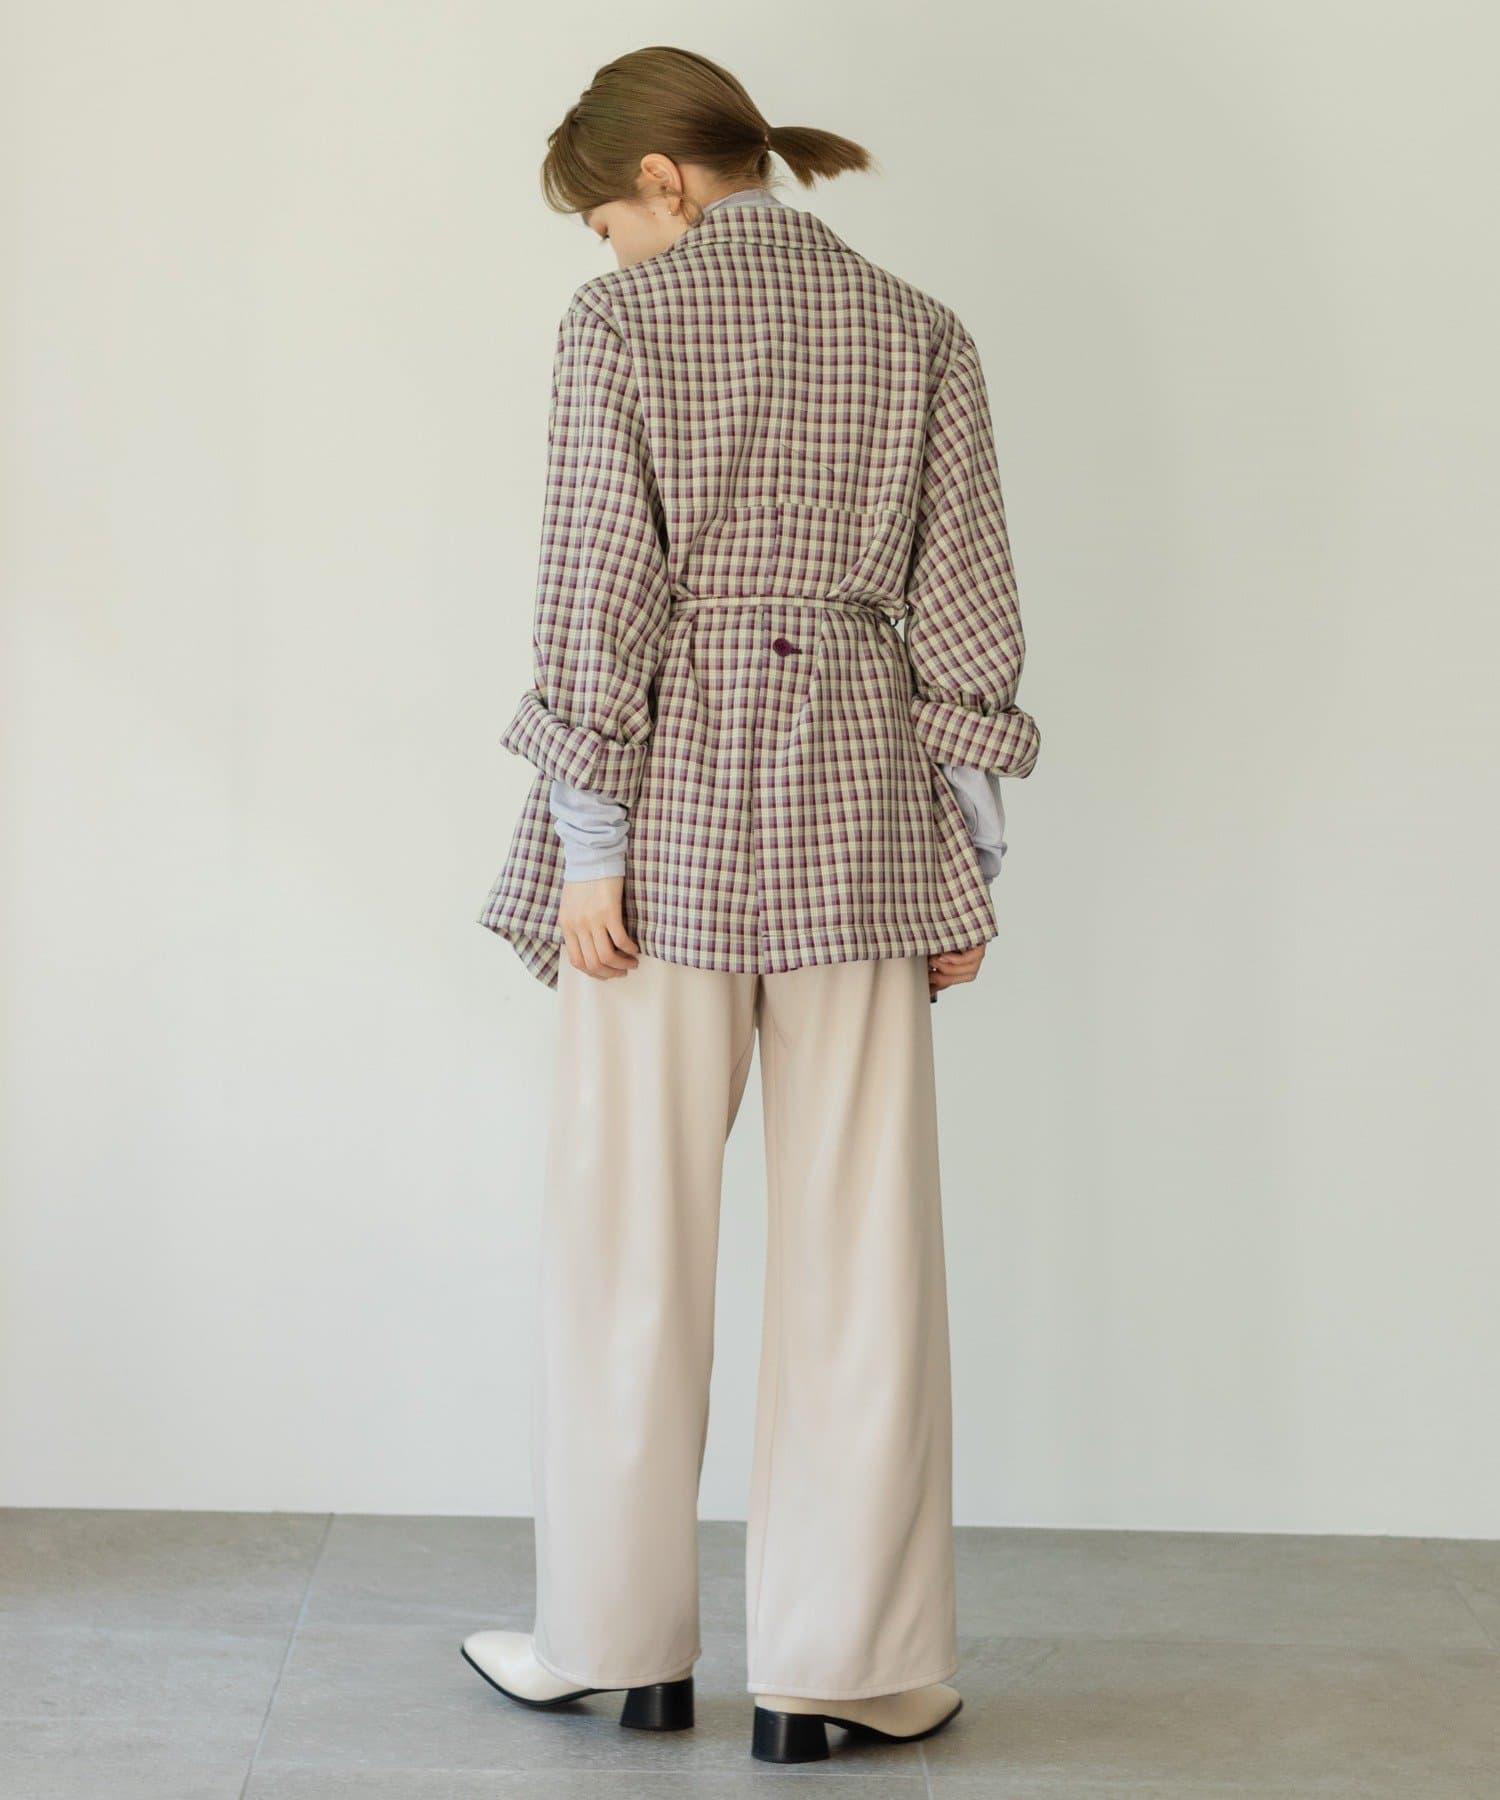 Kastane(カスタネ) 【カタログ掲載アイテム】チェックSETUP紐付きジャケット